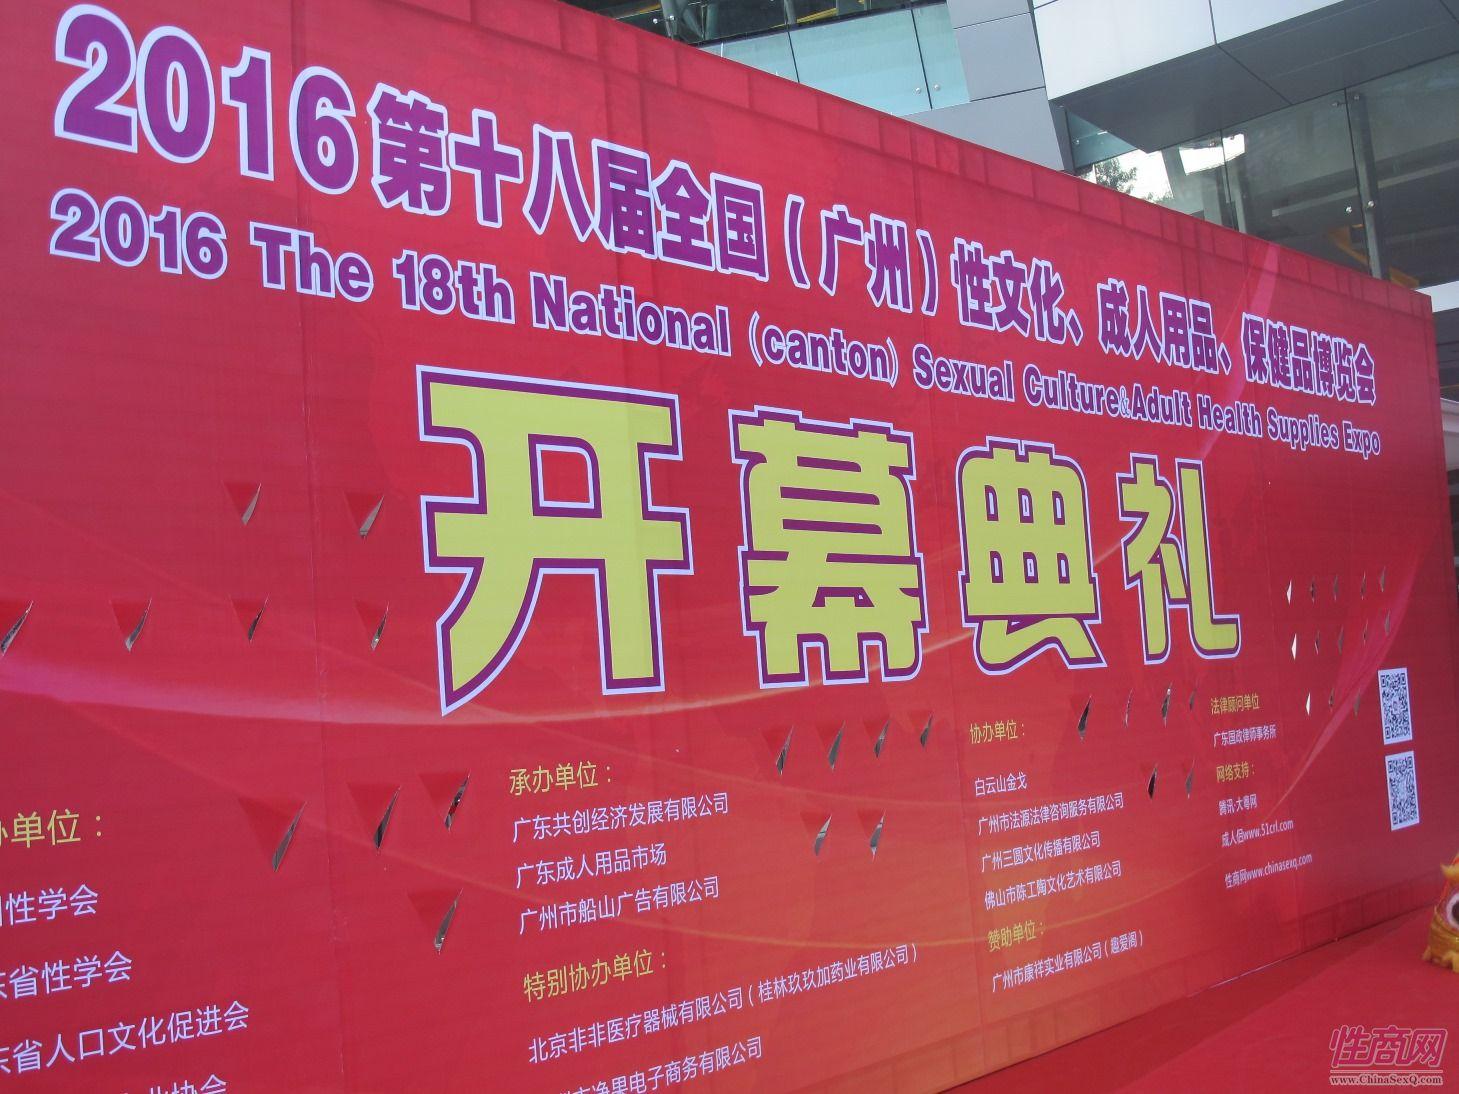 2016年广州性文化节实时报道――第一天图片16